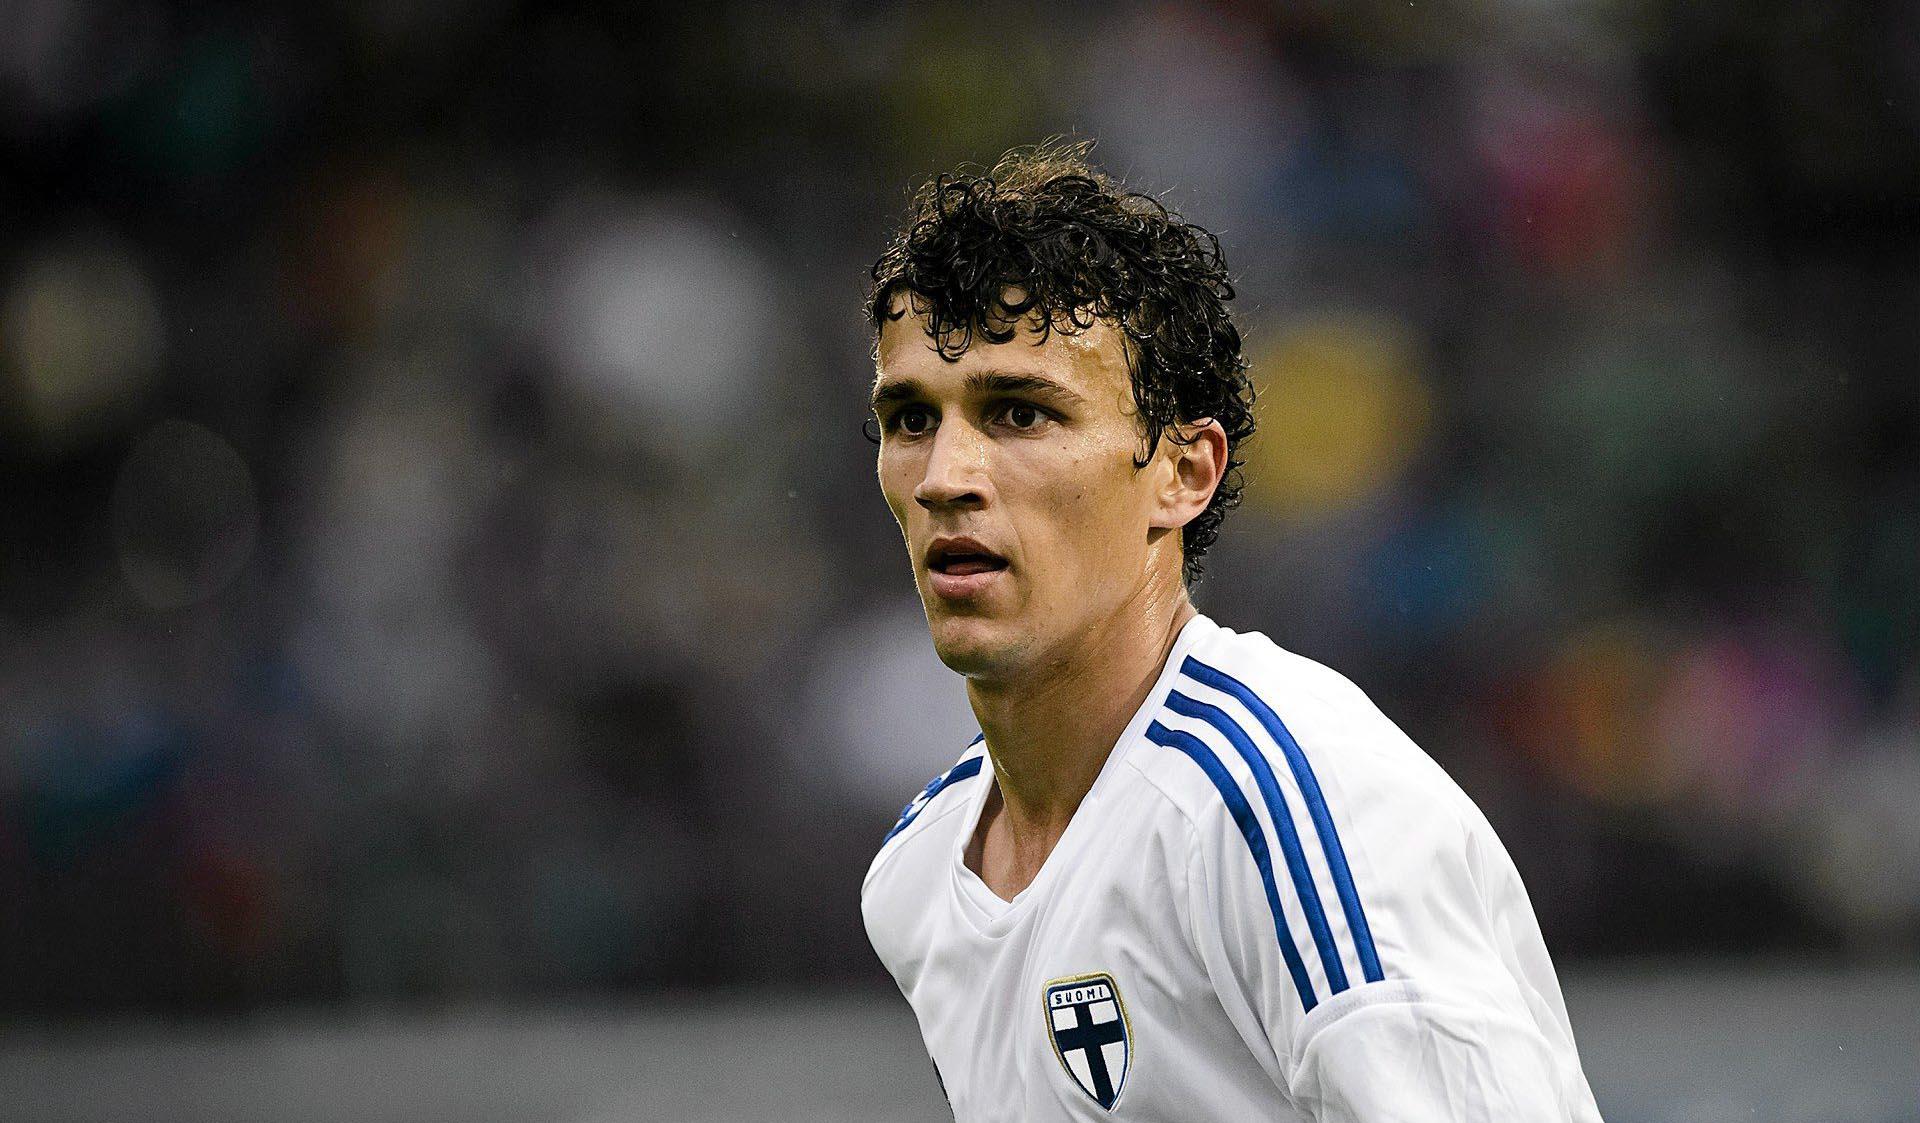 El jugador finlandés fue sancionado con 30 días aunque se desconoce el motivo de la suspensión